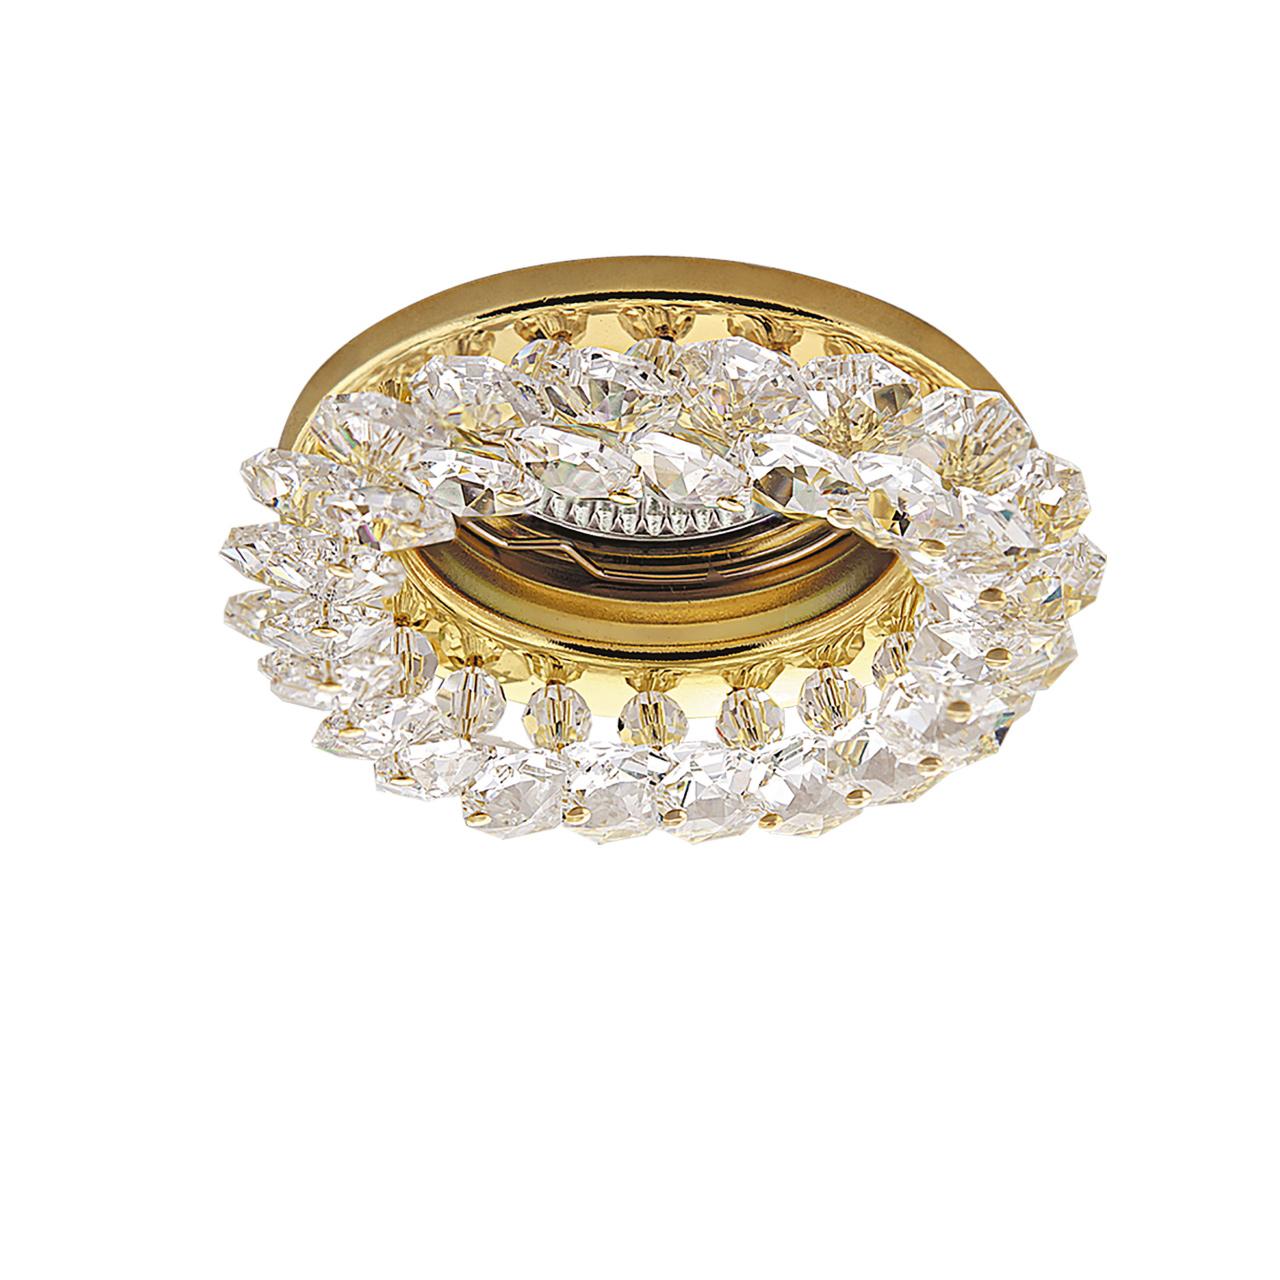 Светильник Onora CR MR16 / HP16 золото / прозрачный Lightstar 030302